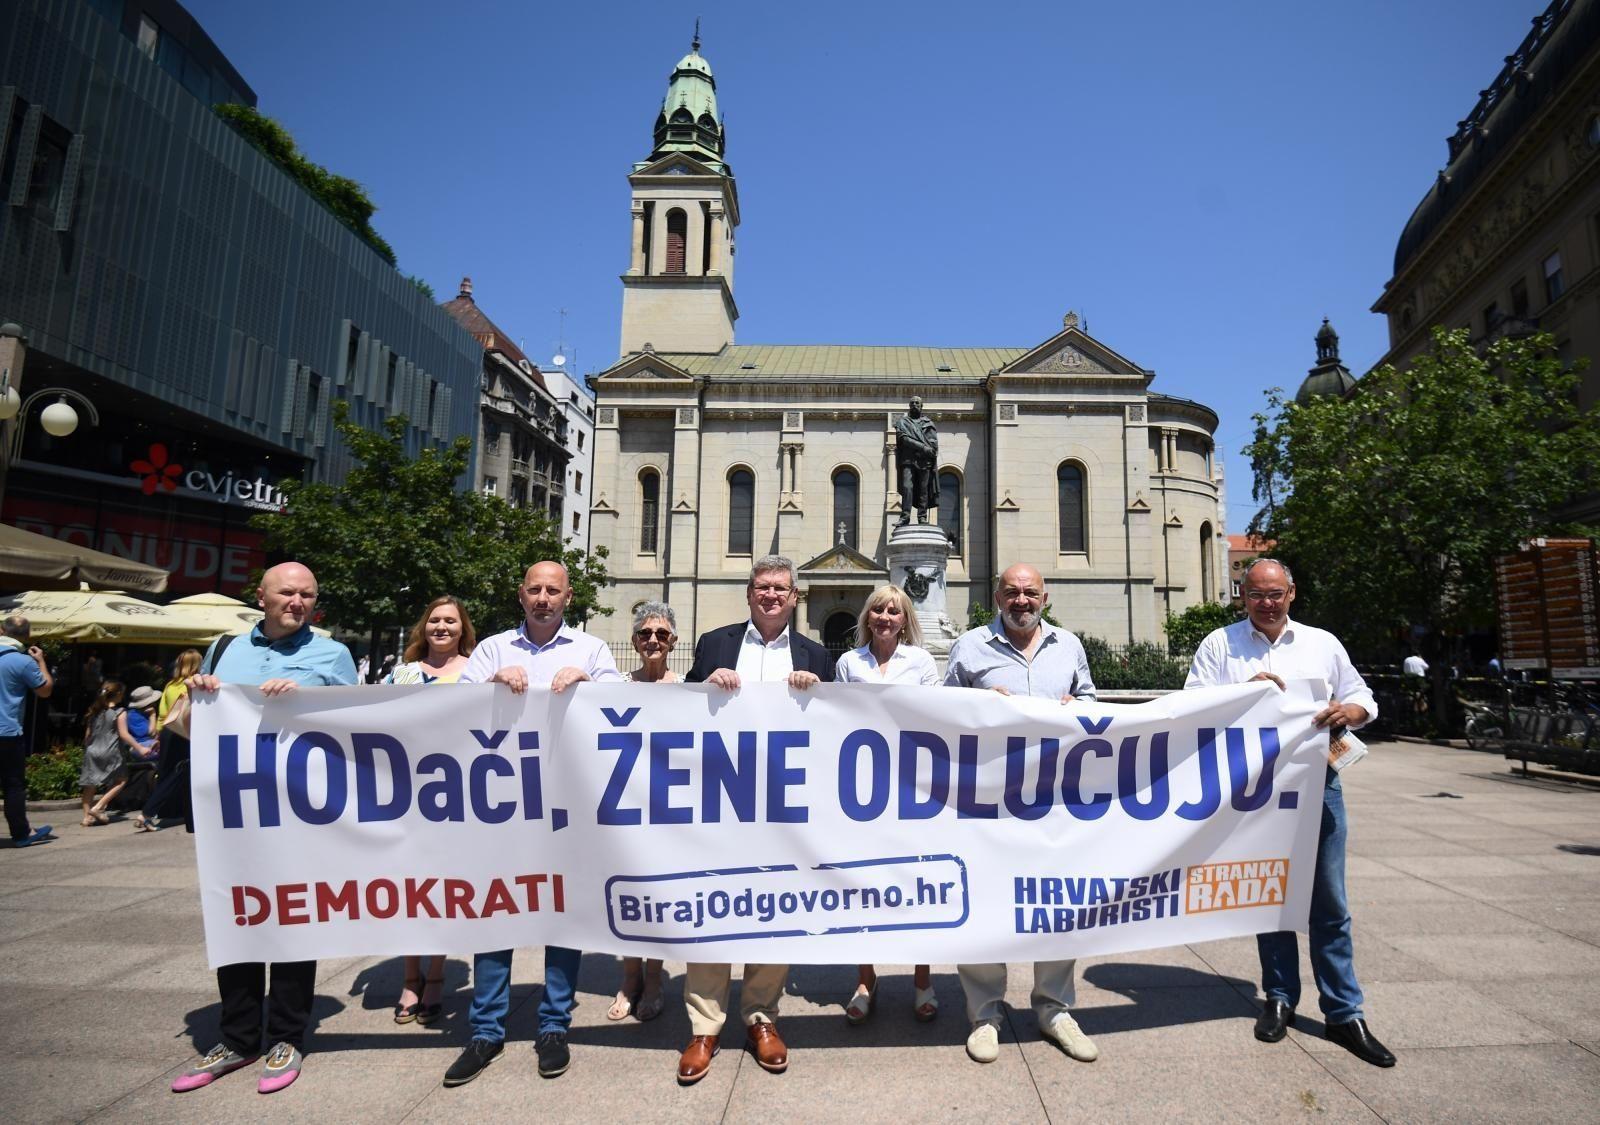 Demokrati i Hrvatski laburisti: HODači, žene odlučuju